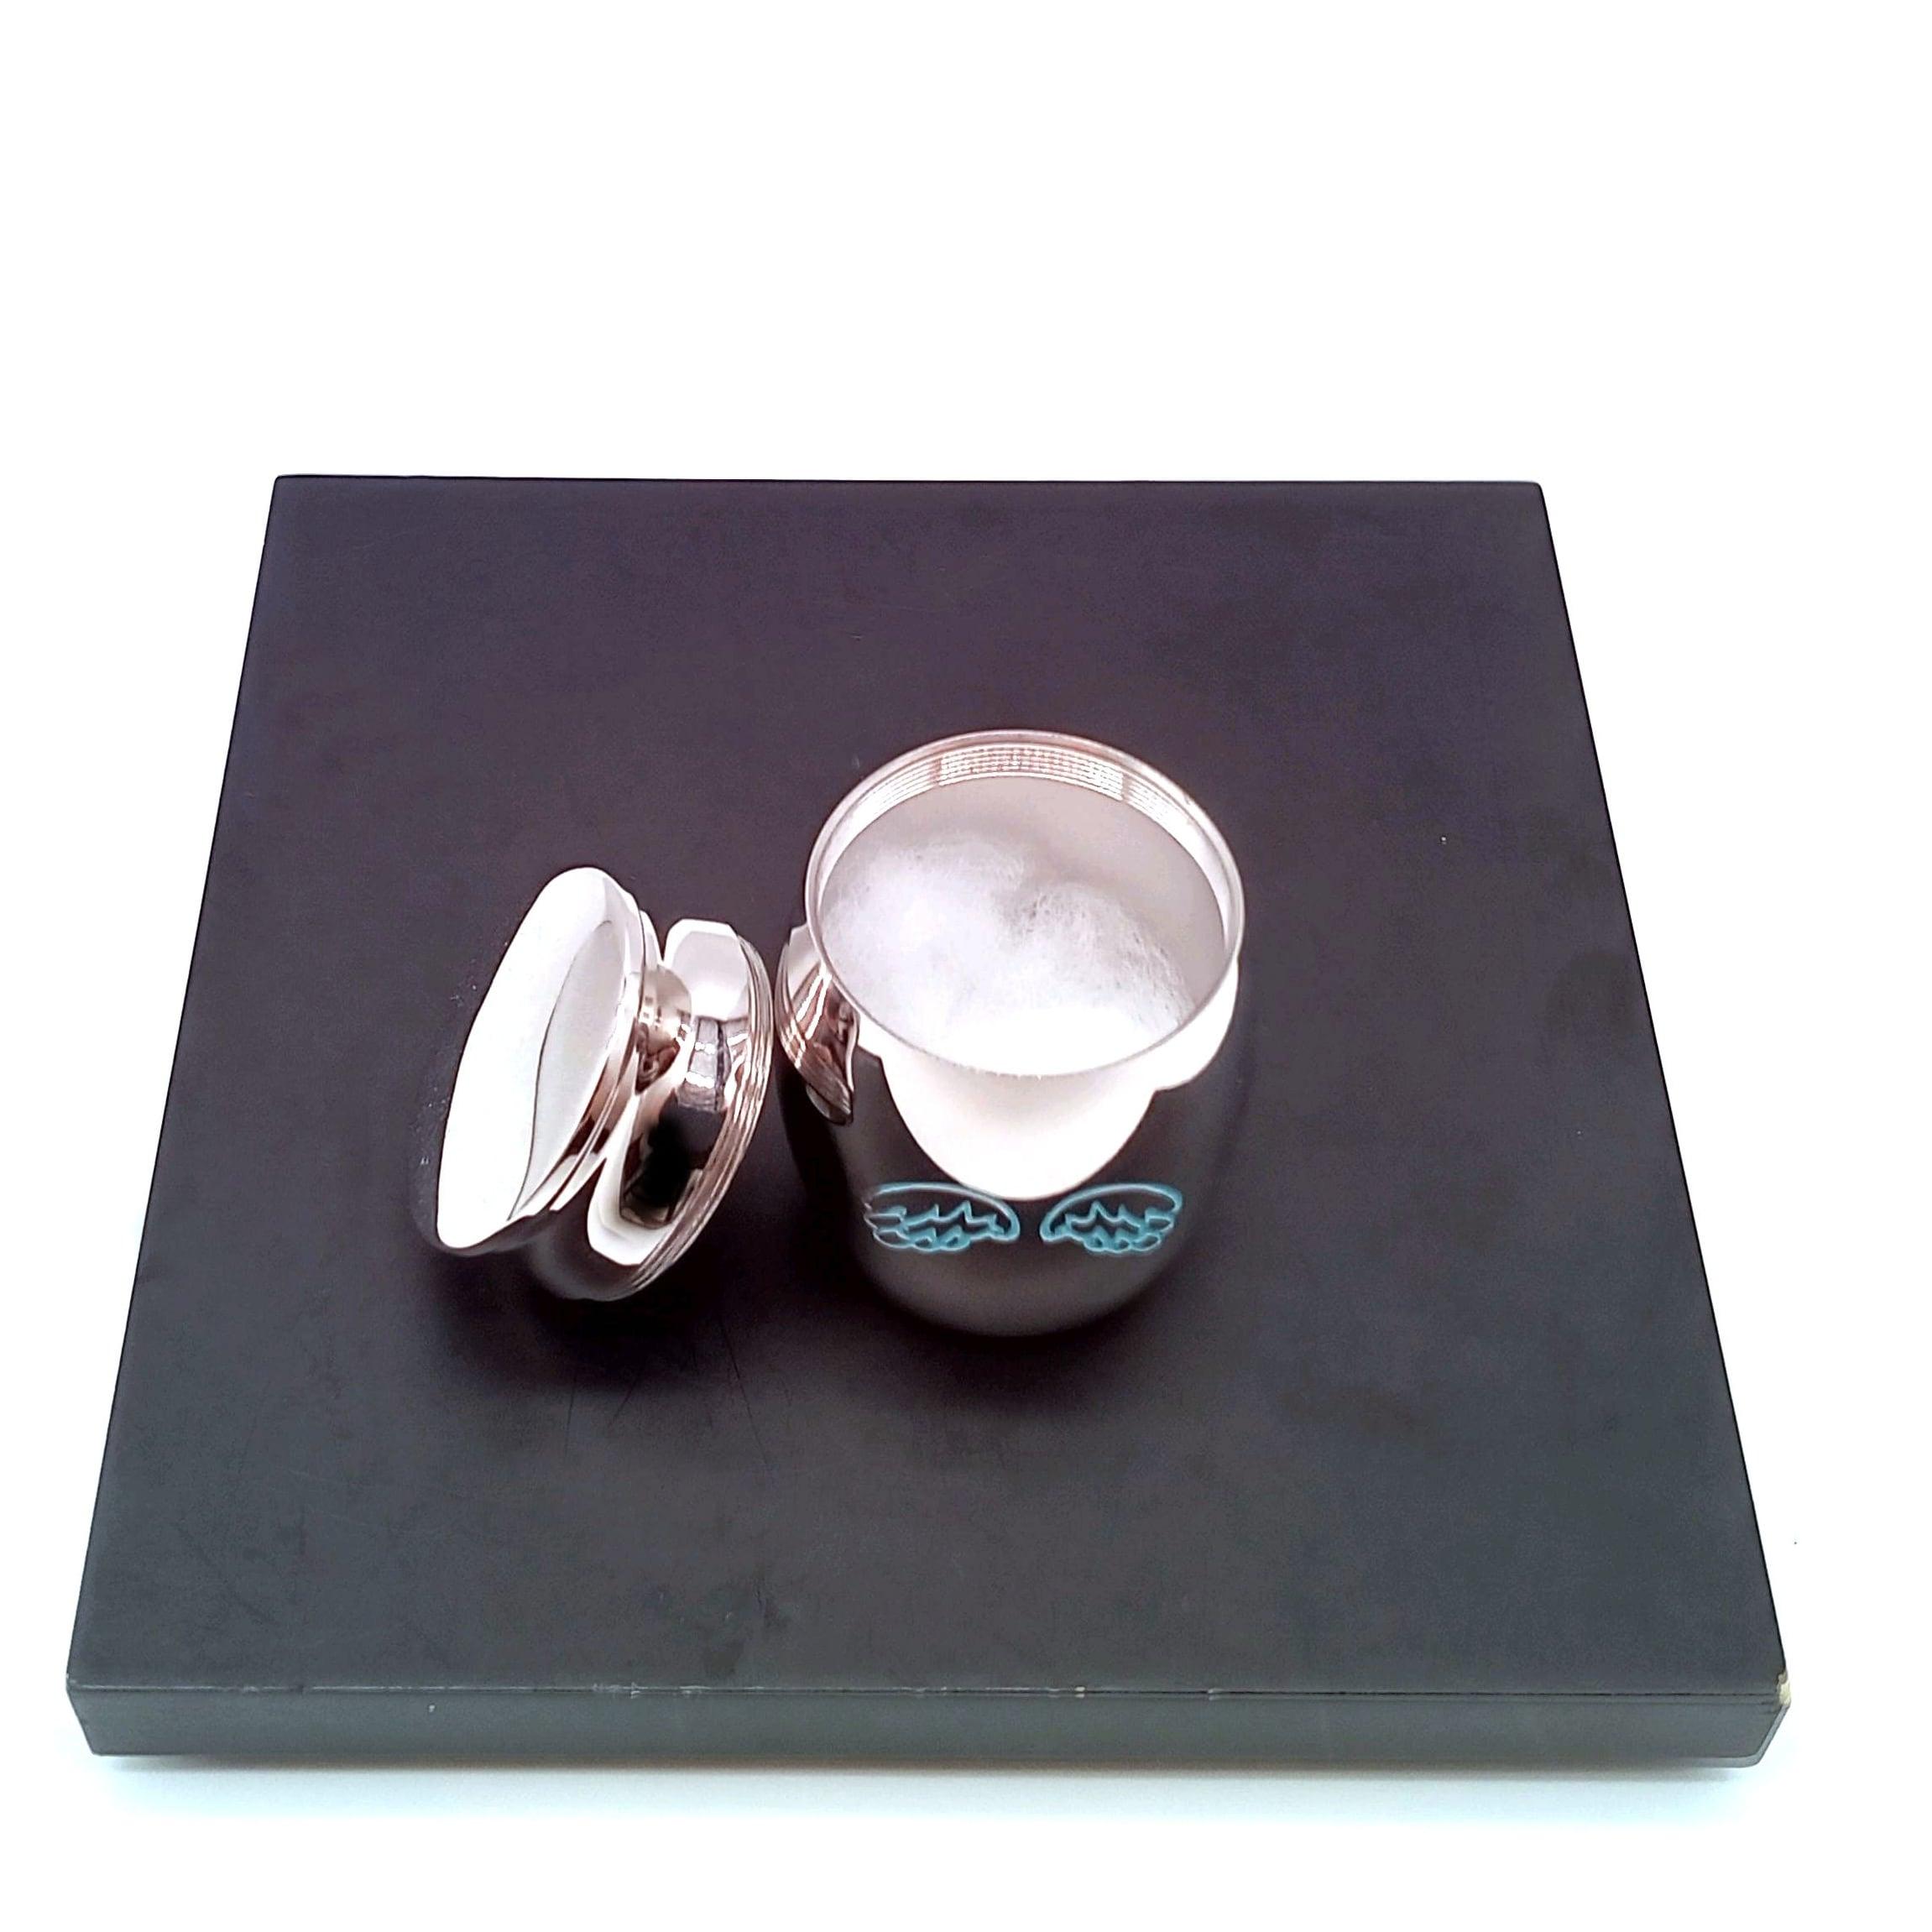 ステンレスミニ骨壺